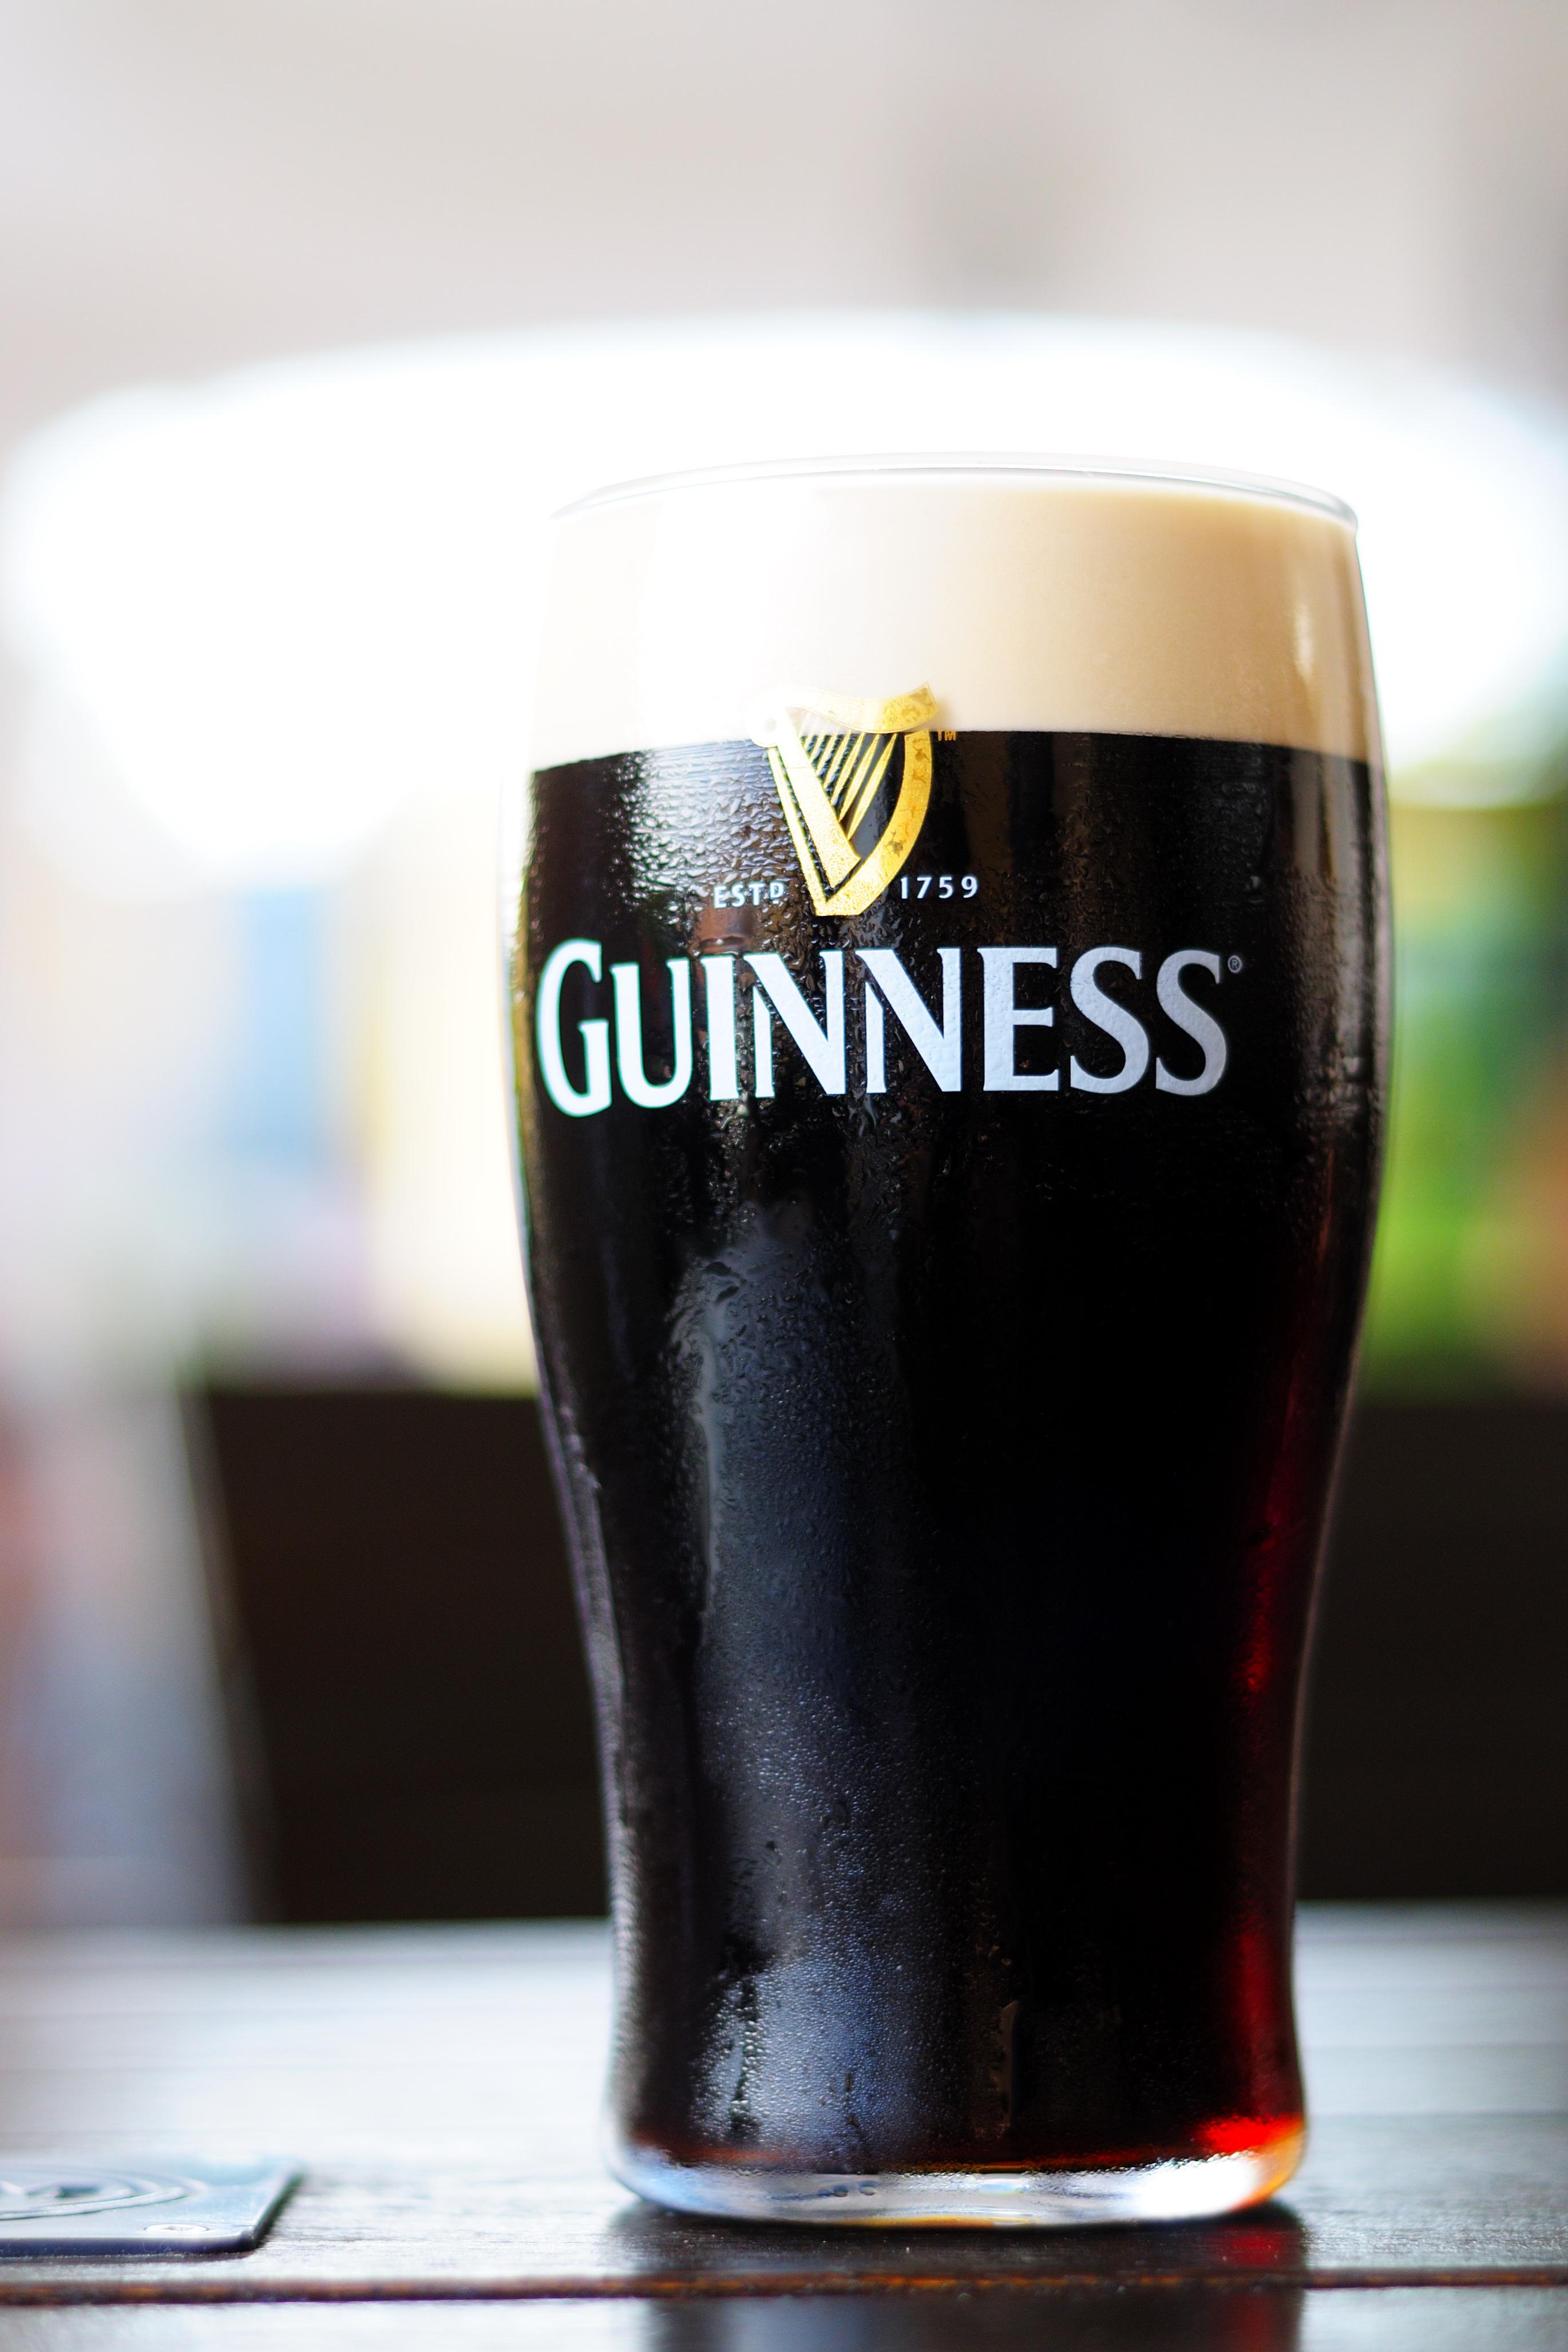 пиво гиннес фото статье оцените